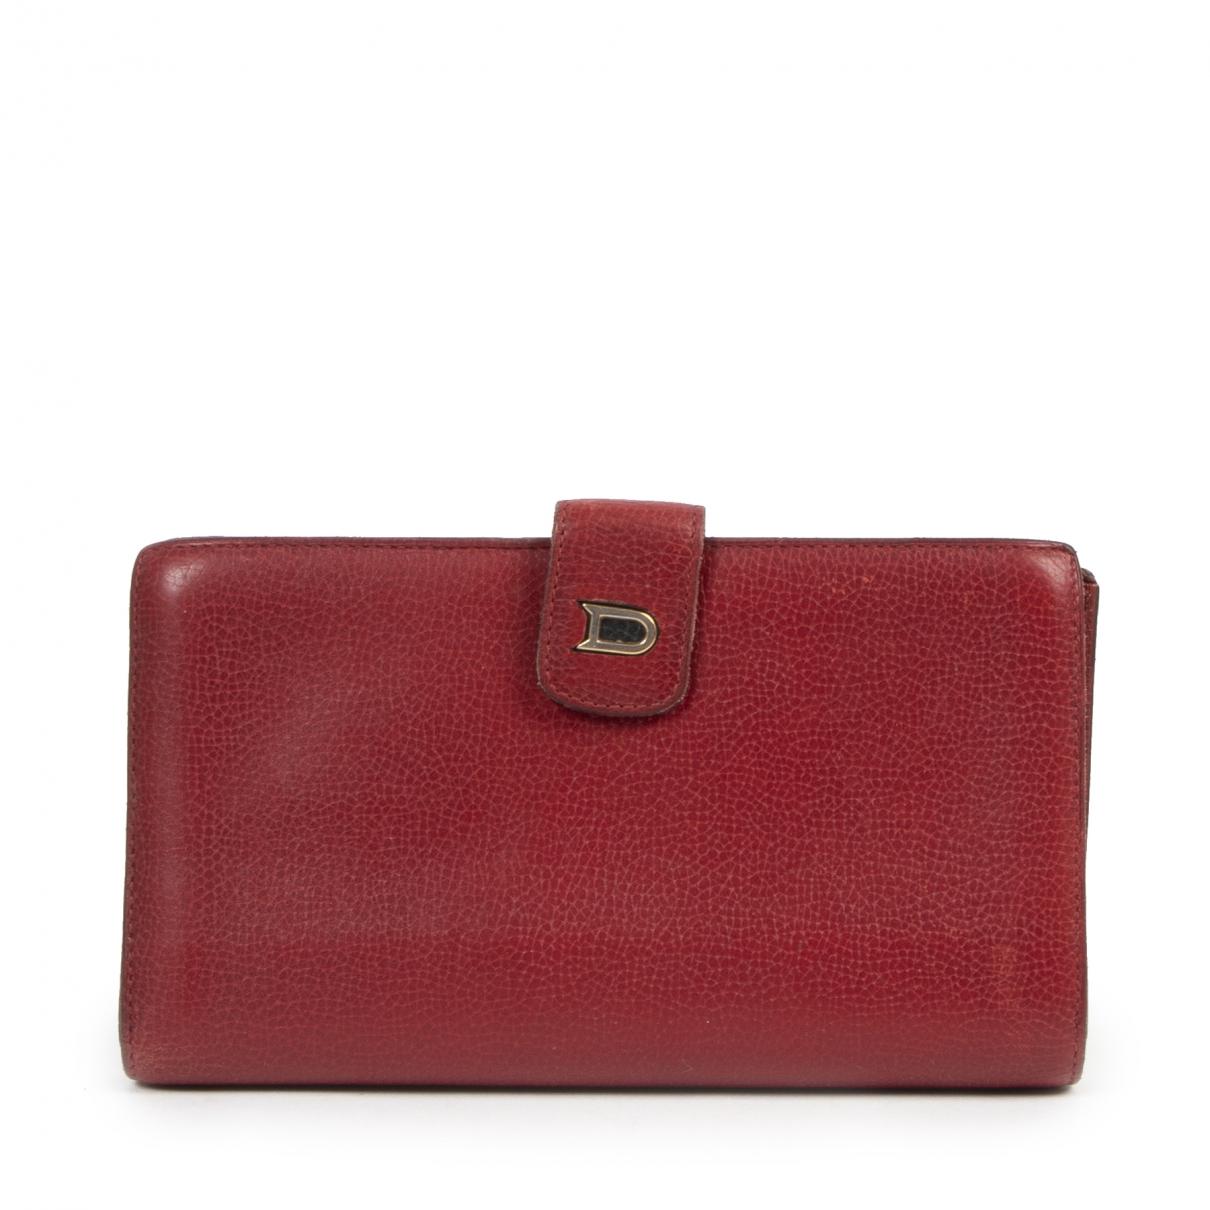 Delvaux - Petite maroquinerie   pour femme en cuir - rouge